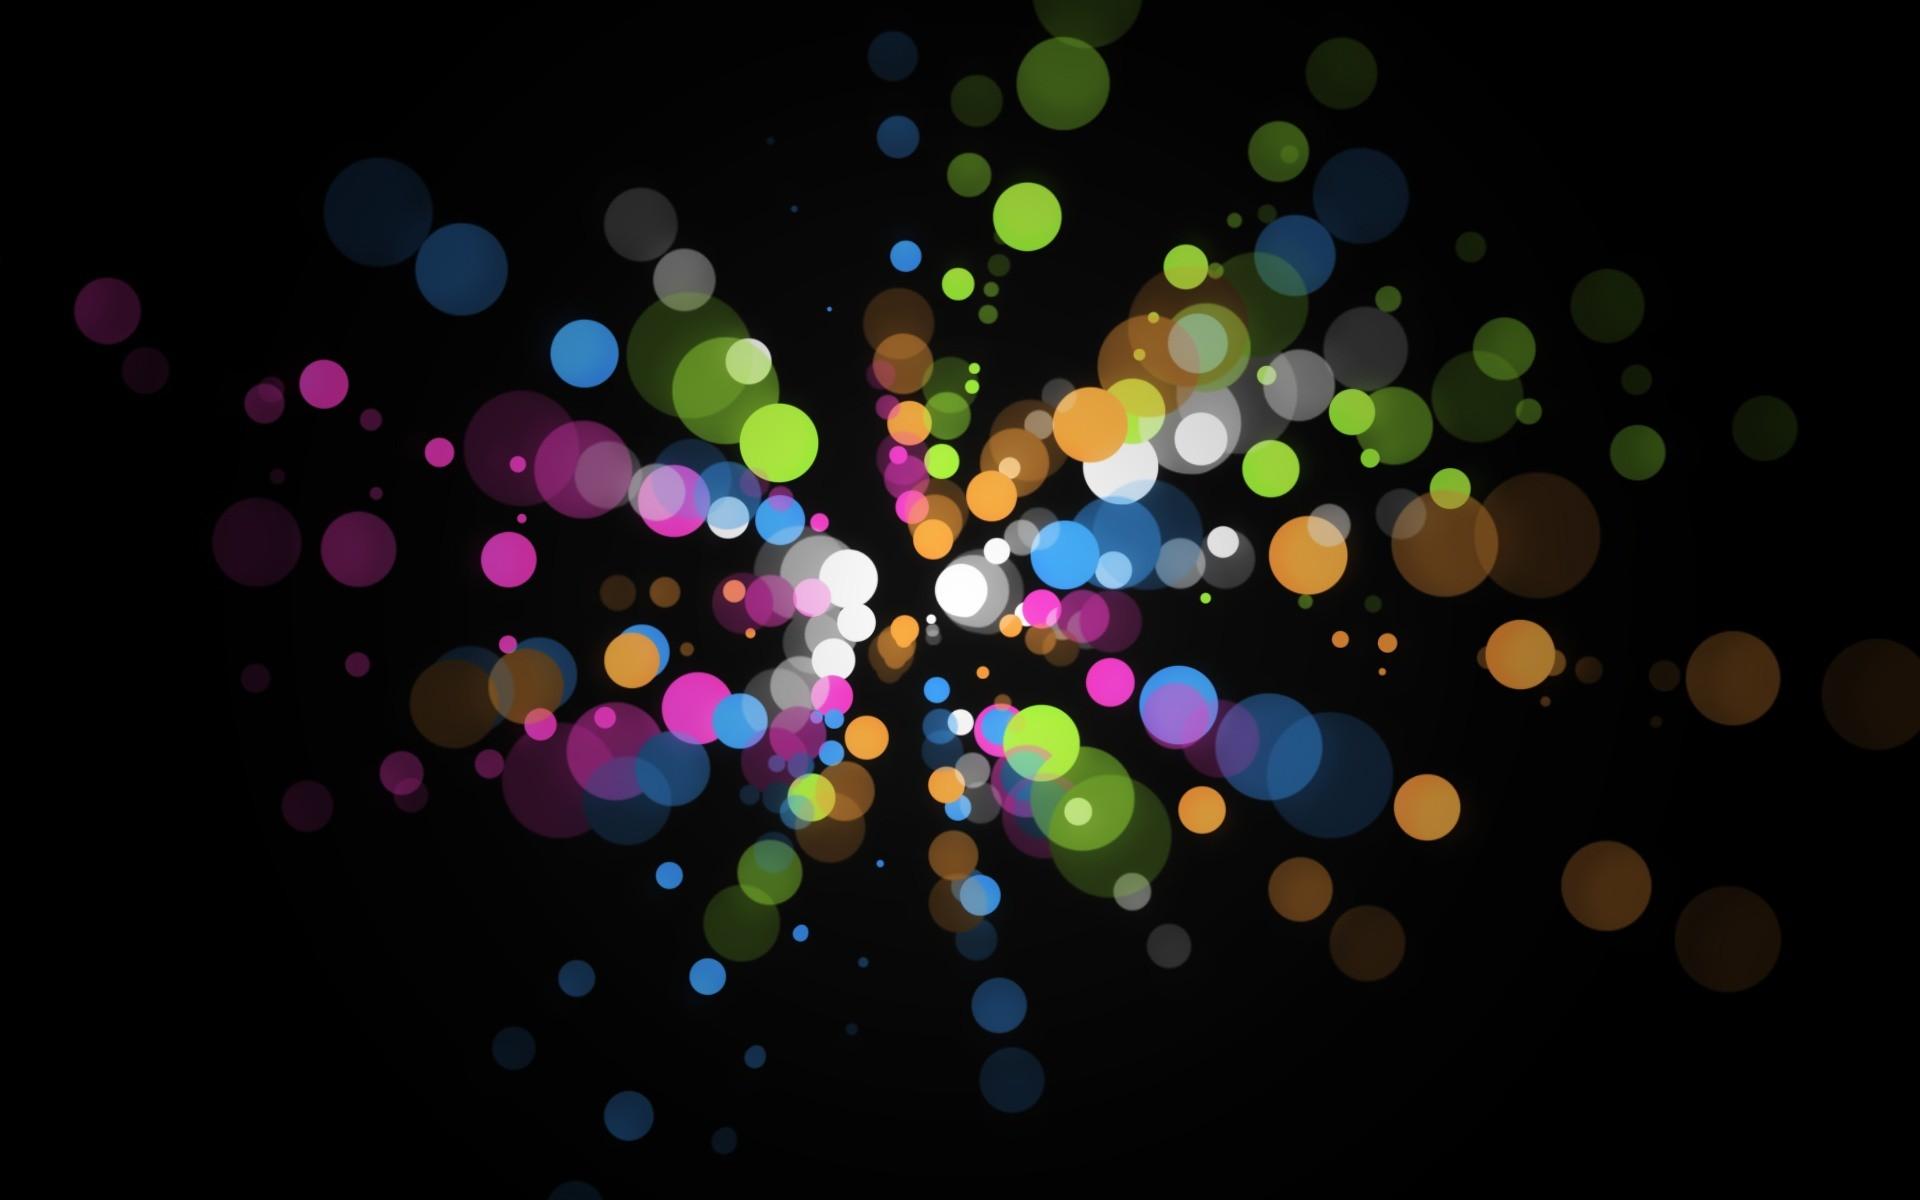 Color Dots desktop wallpaper